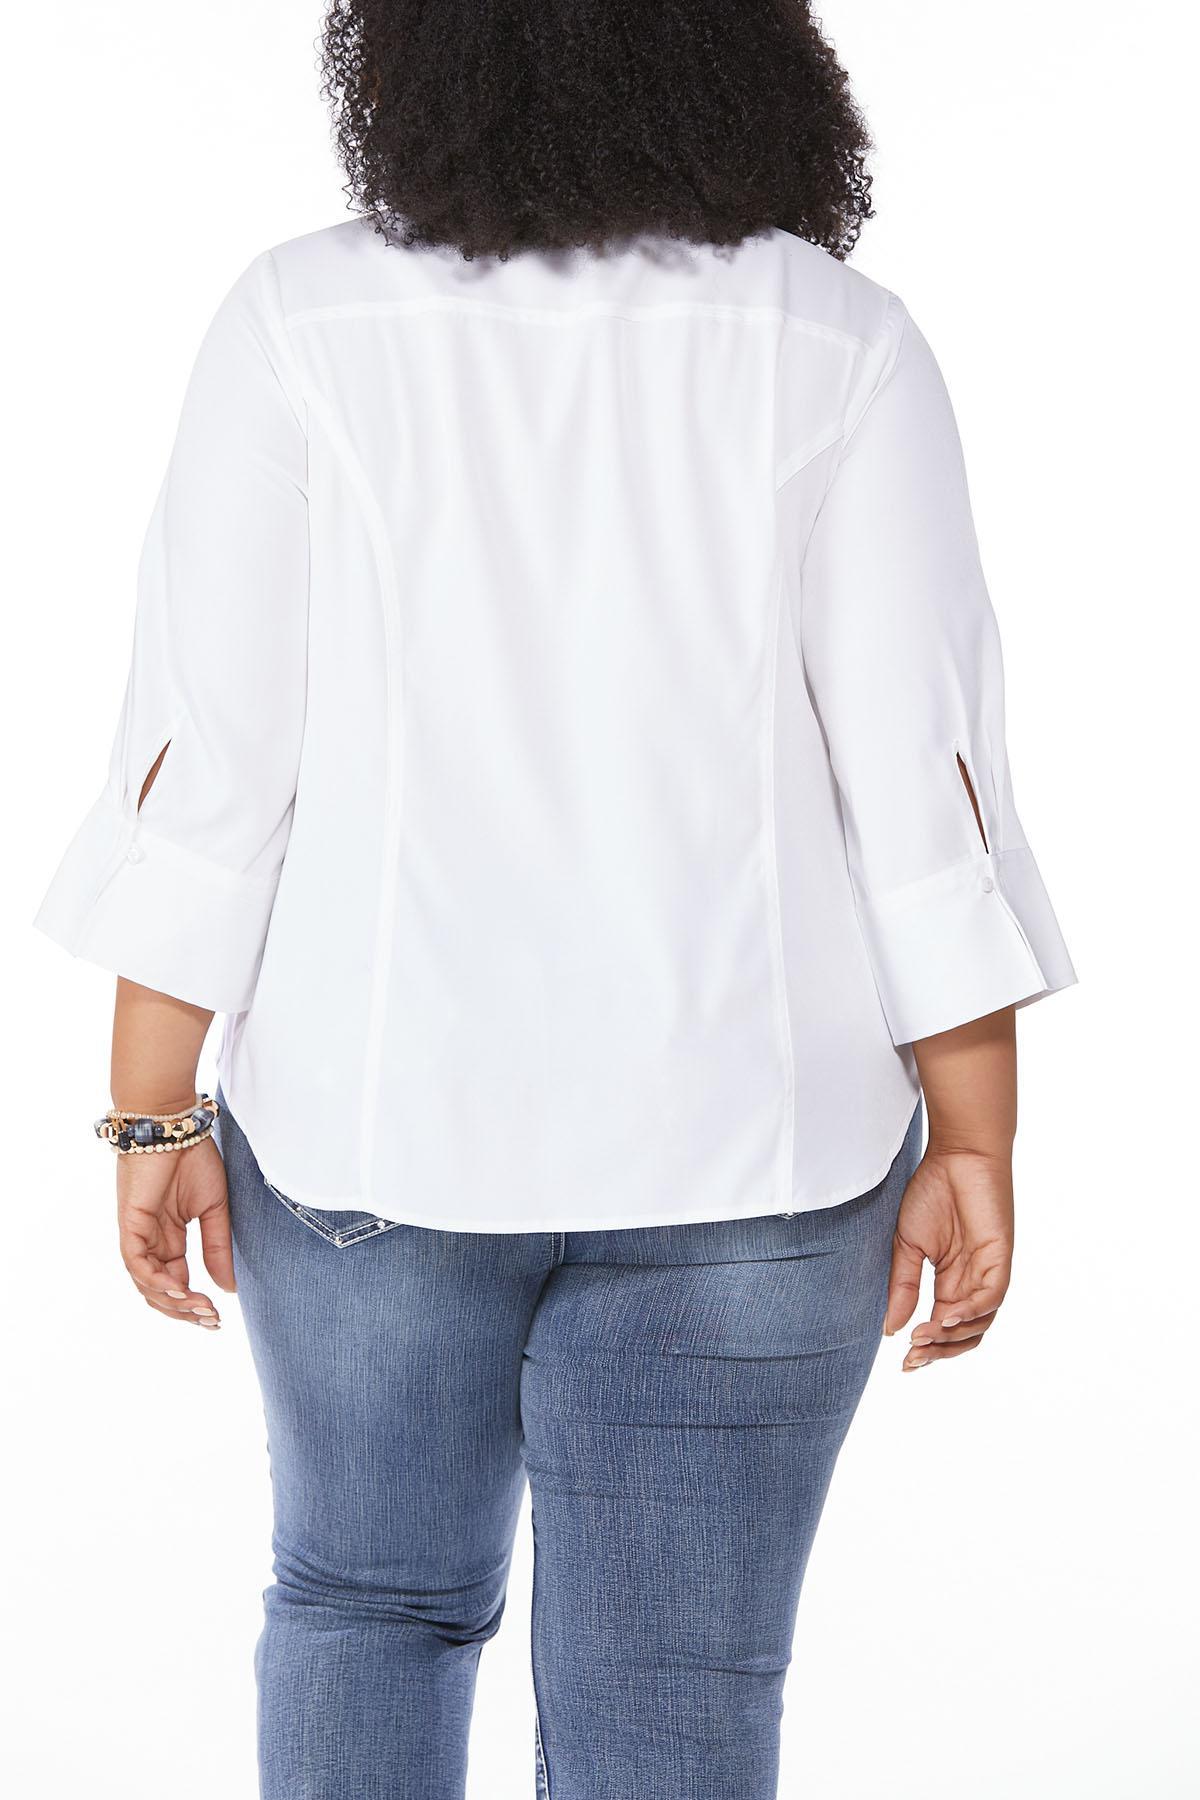 Plus Size Classic Button Down Shirt (Item #44486315)